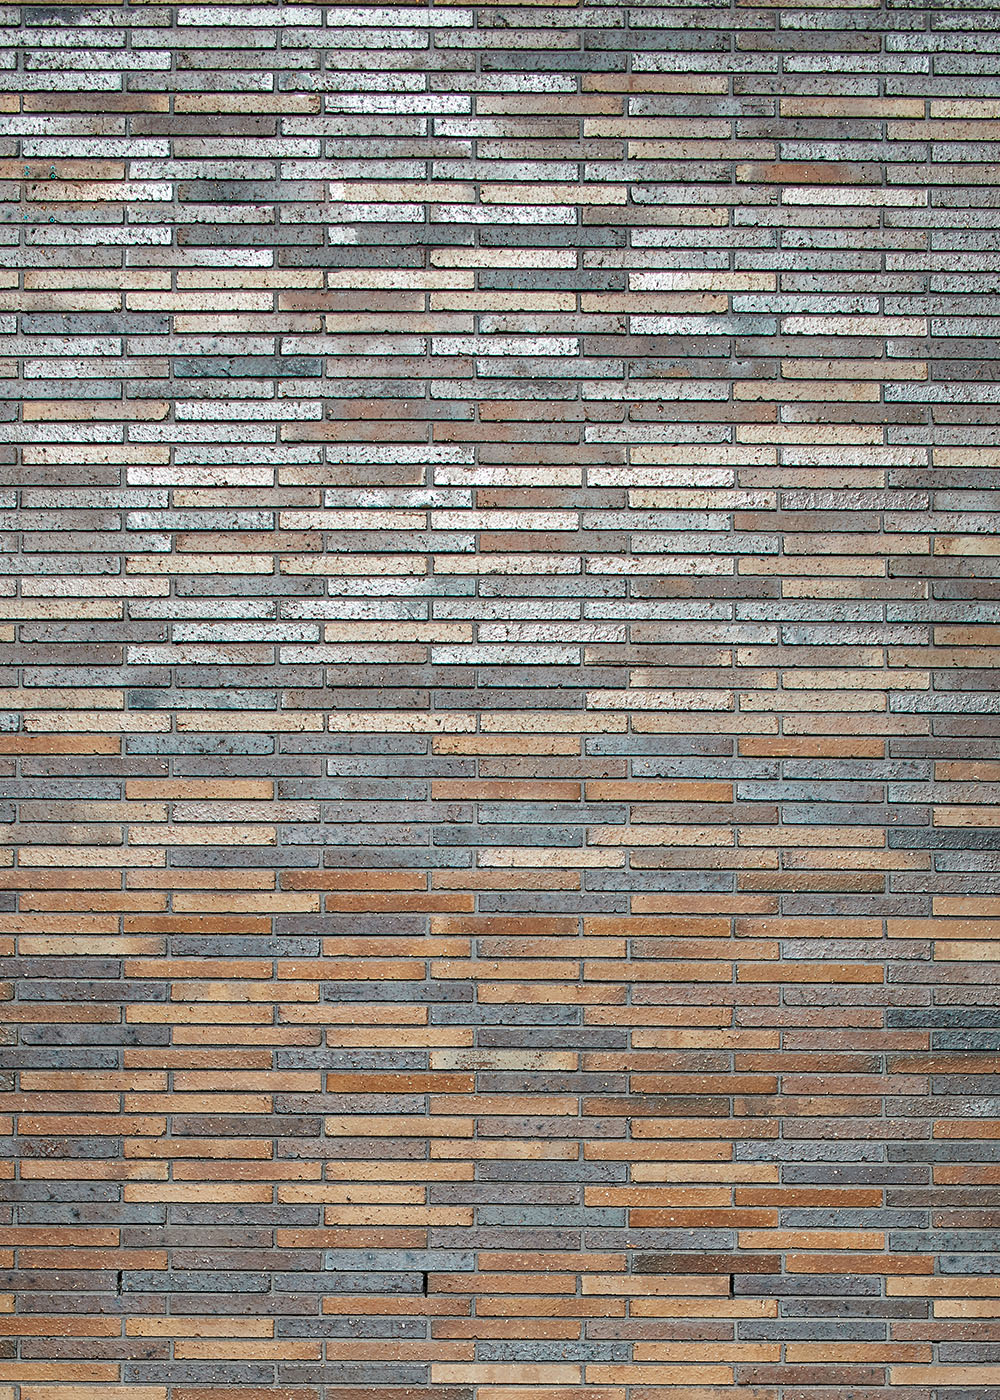 170629 Krause Bricks 0154.jpg